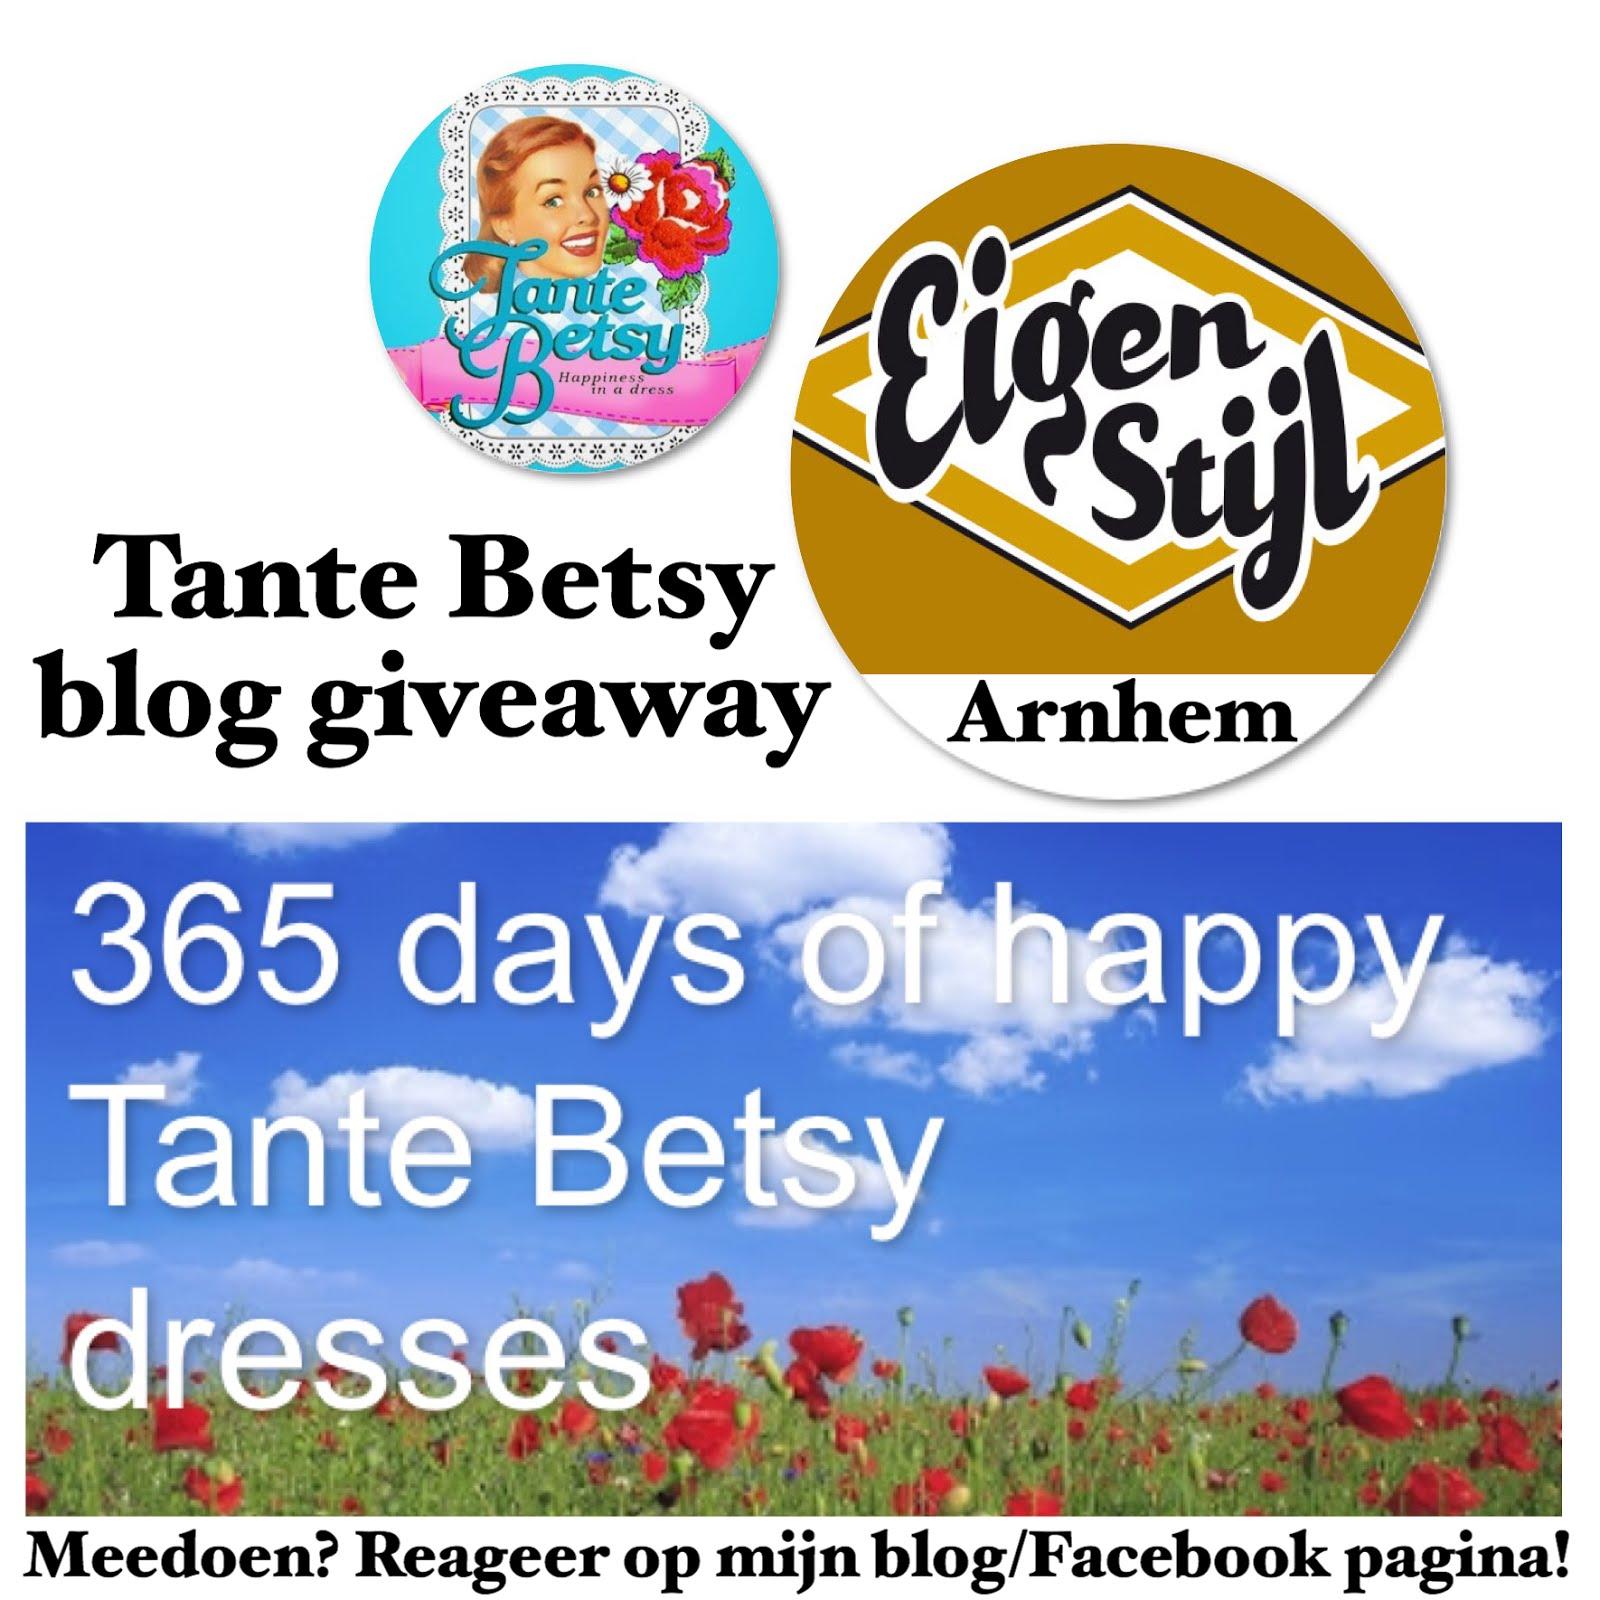 Tante Betsy blog giveaway Eigen Stijl Arnhem